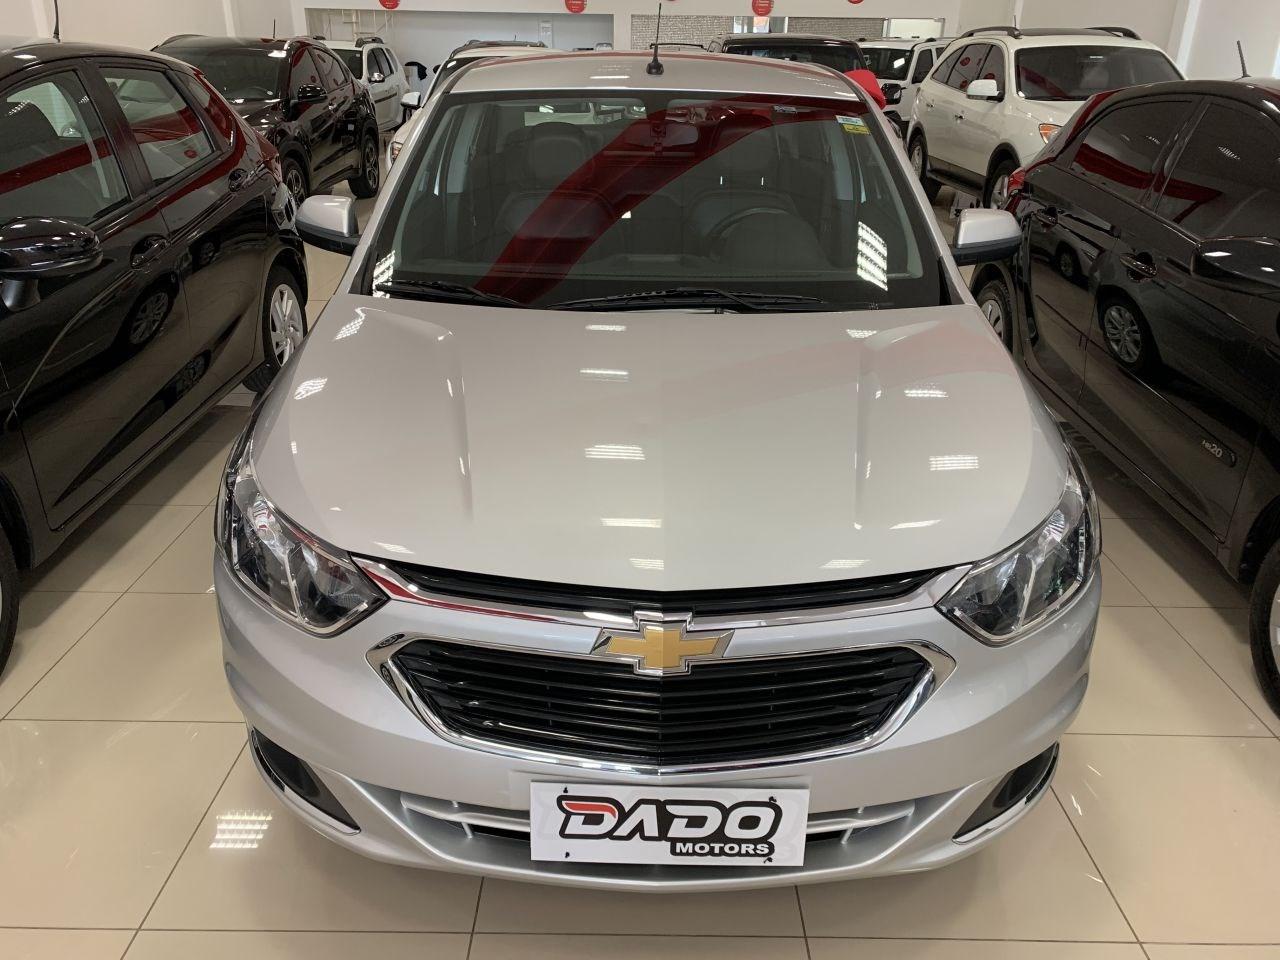 //www.autoline.com.br/carro/chevrolet/cobalt-18-ltz-8v-flex-4p-automatico/2017/limeira-sp/15298667